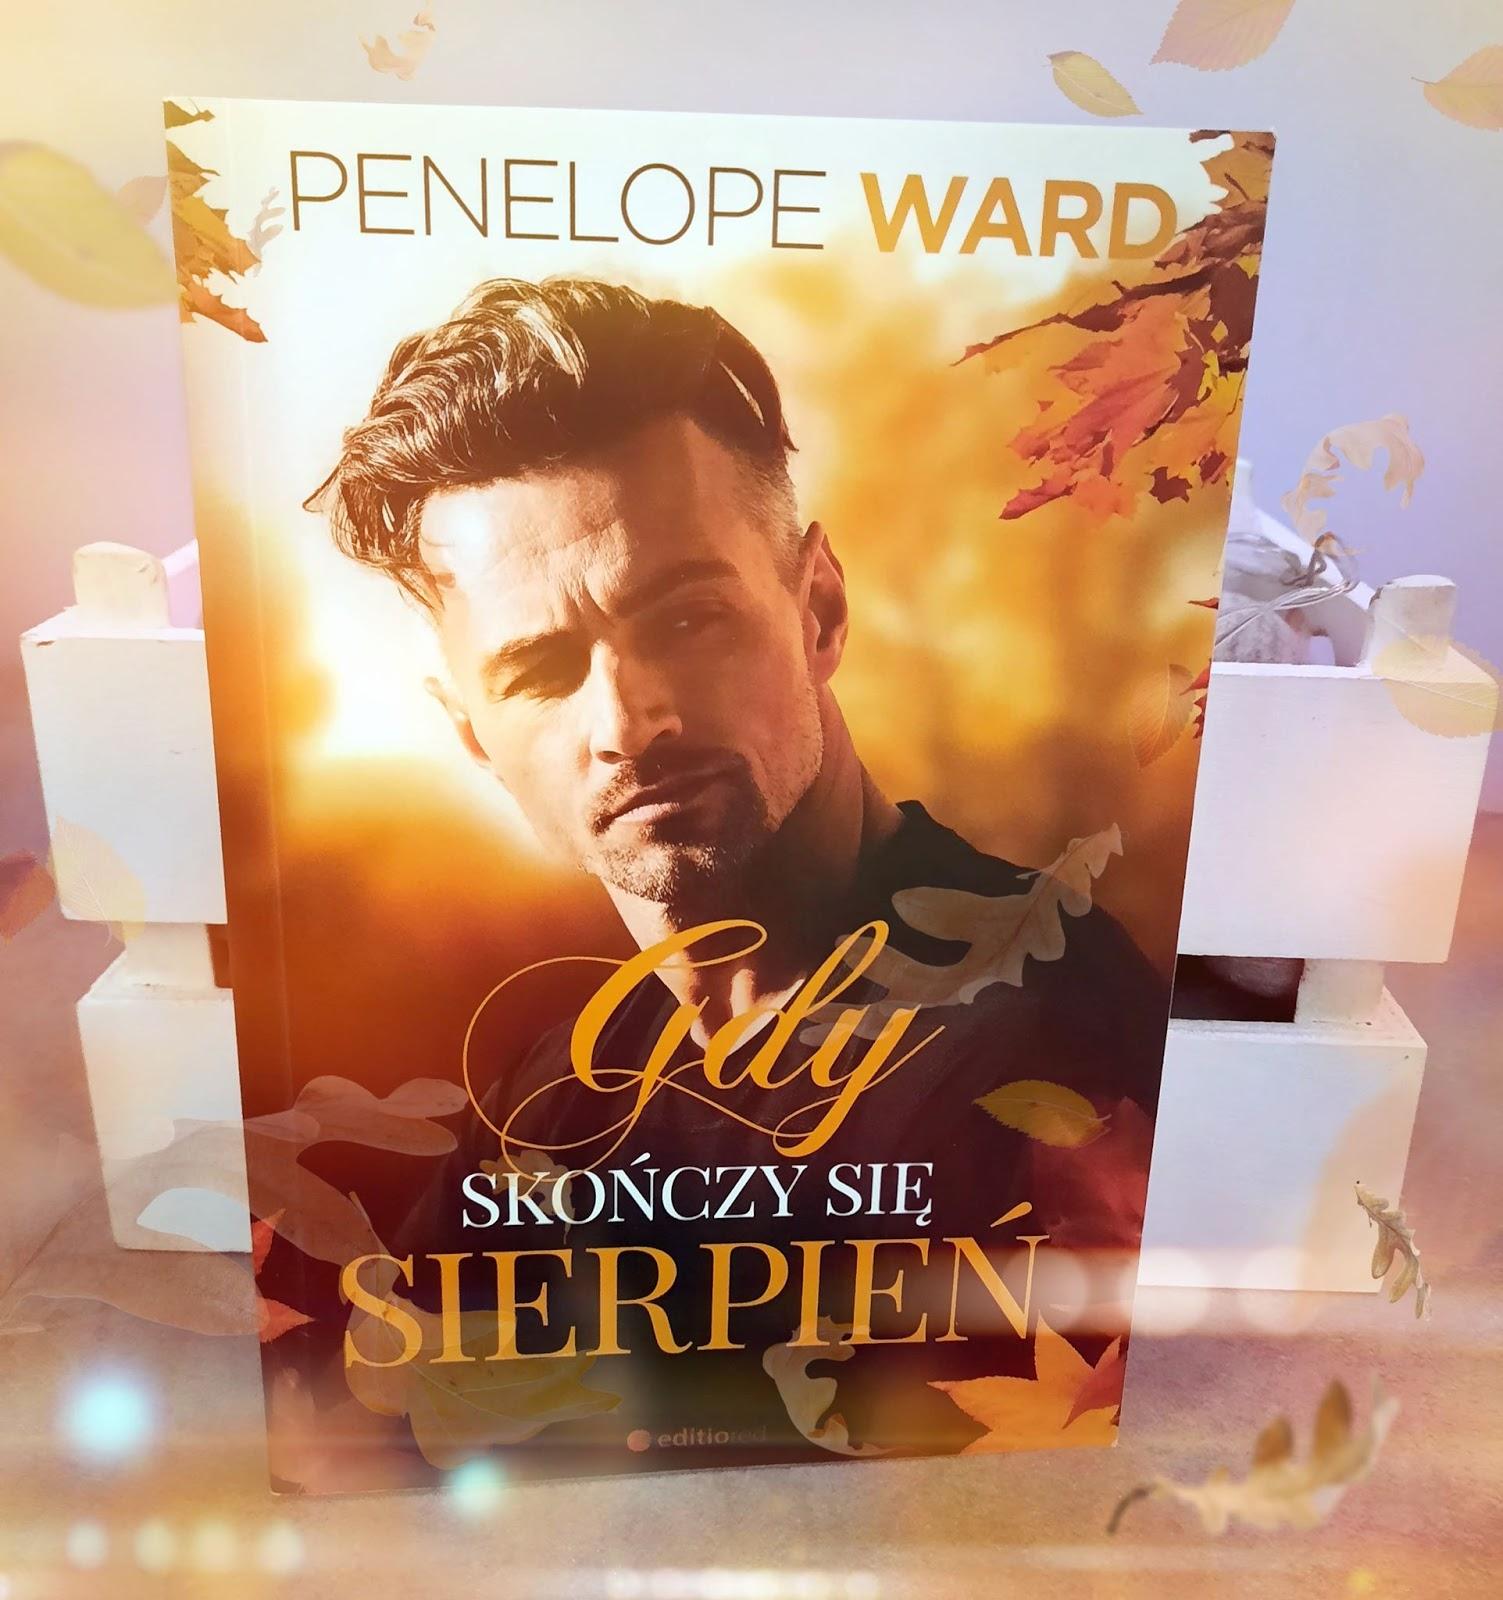 Penelope Ward - Gdy skończy się sierpień - Wydawnictwo Editio Red - Recenzja